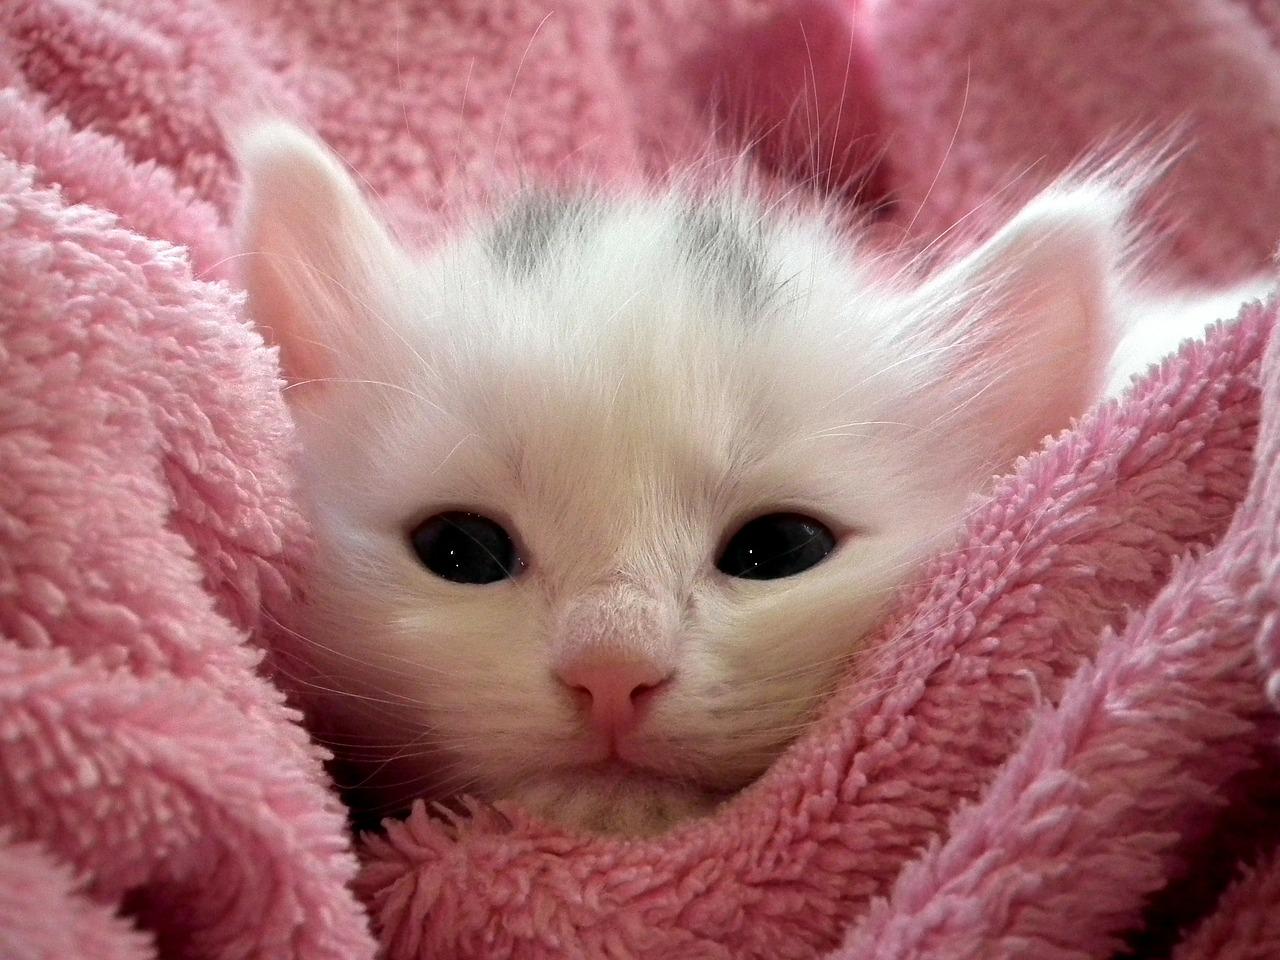 Criando Gatos, parte 3: vacinas, vermifugação e cuidados veterinários